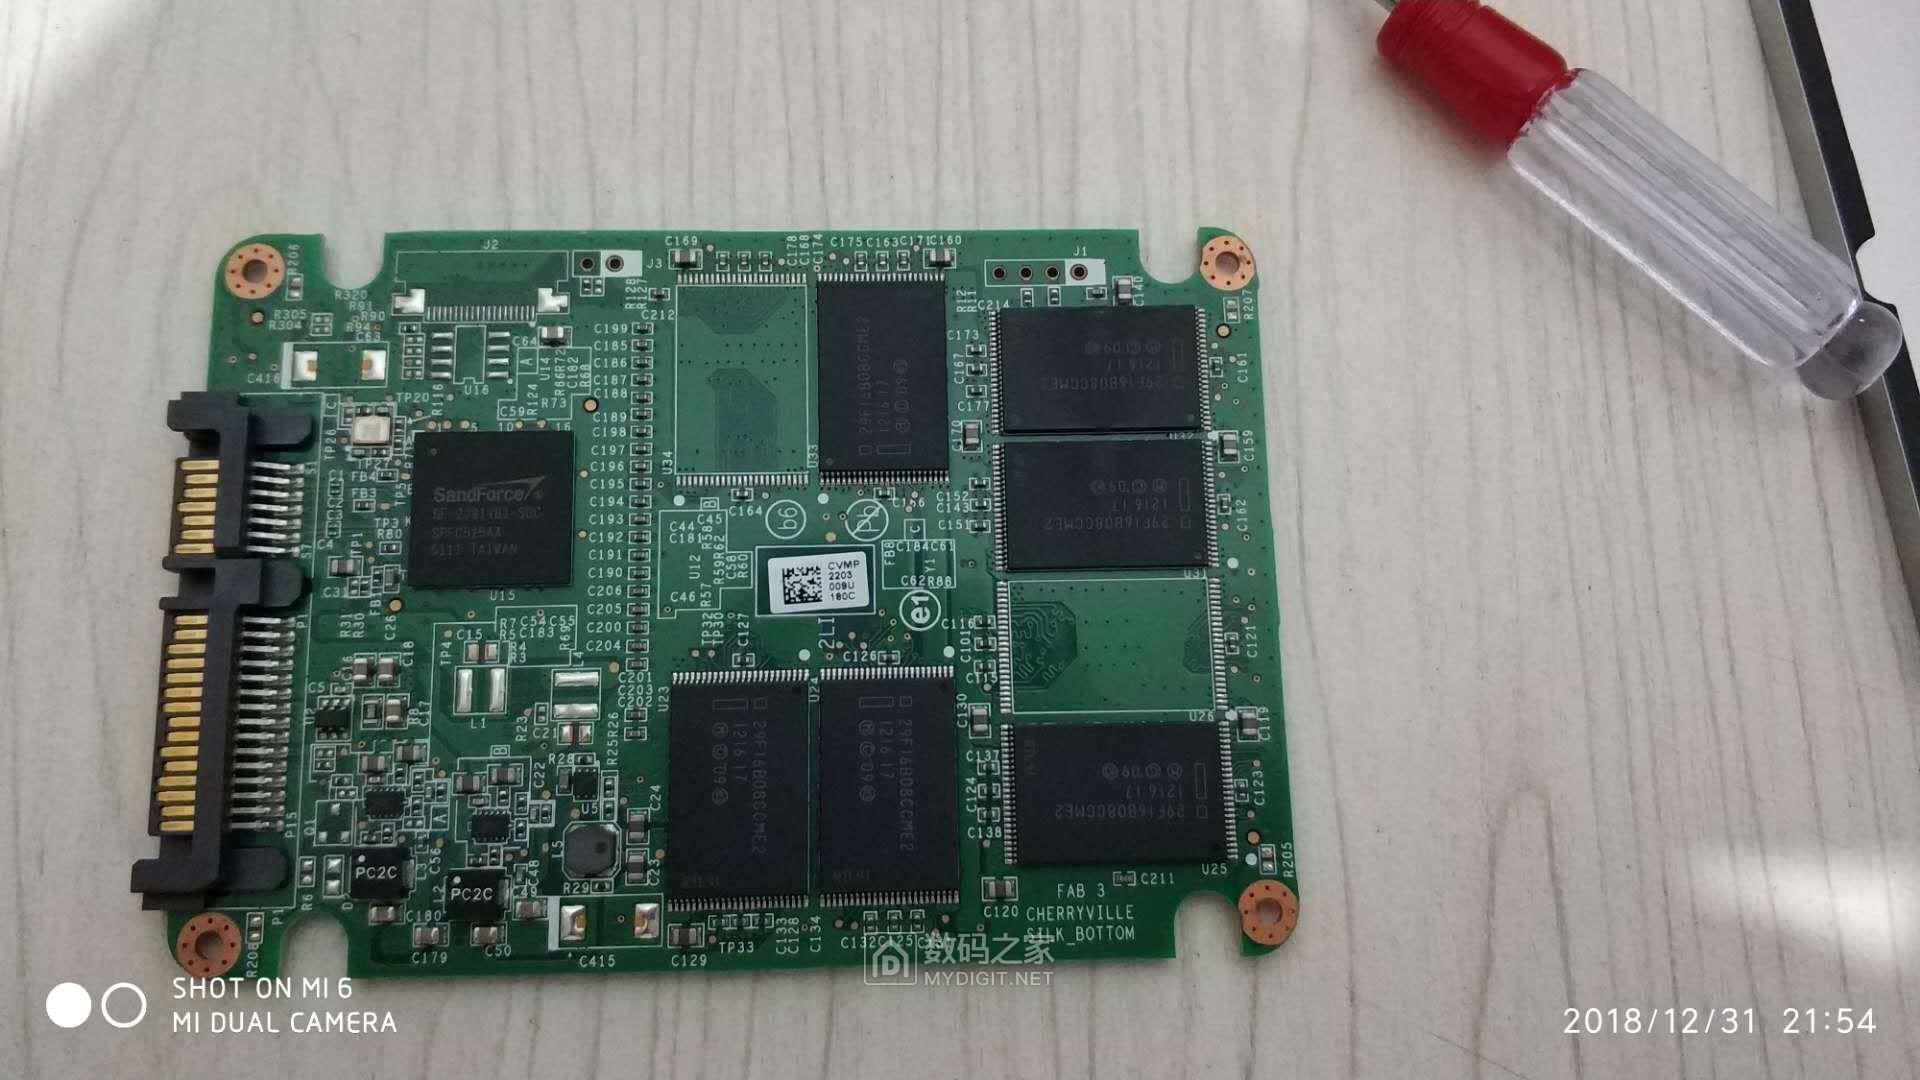 求助:Intel 330 SSD执行安全擦除后开机要求输入用户密码